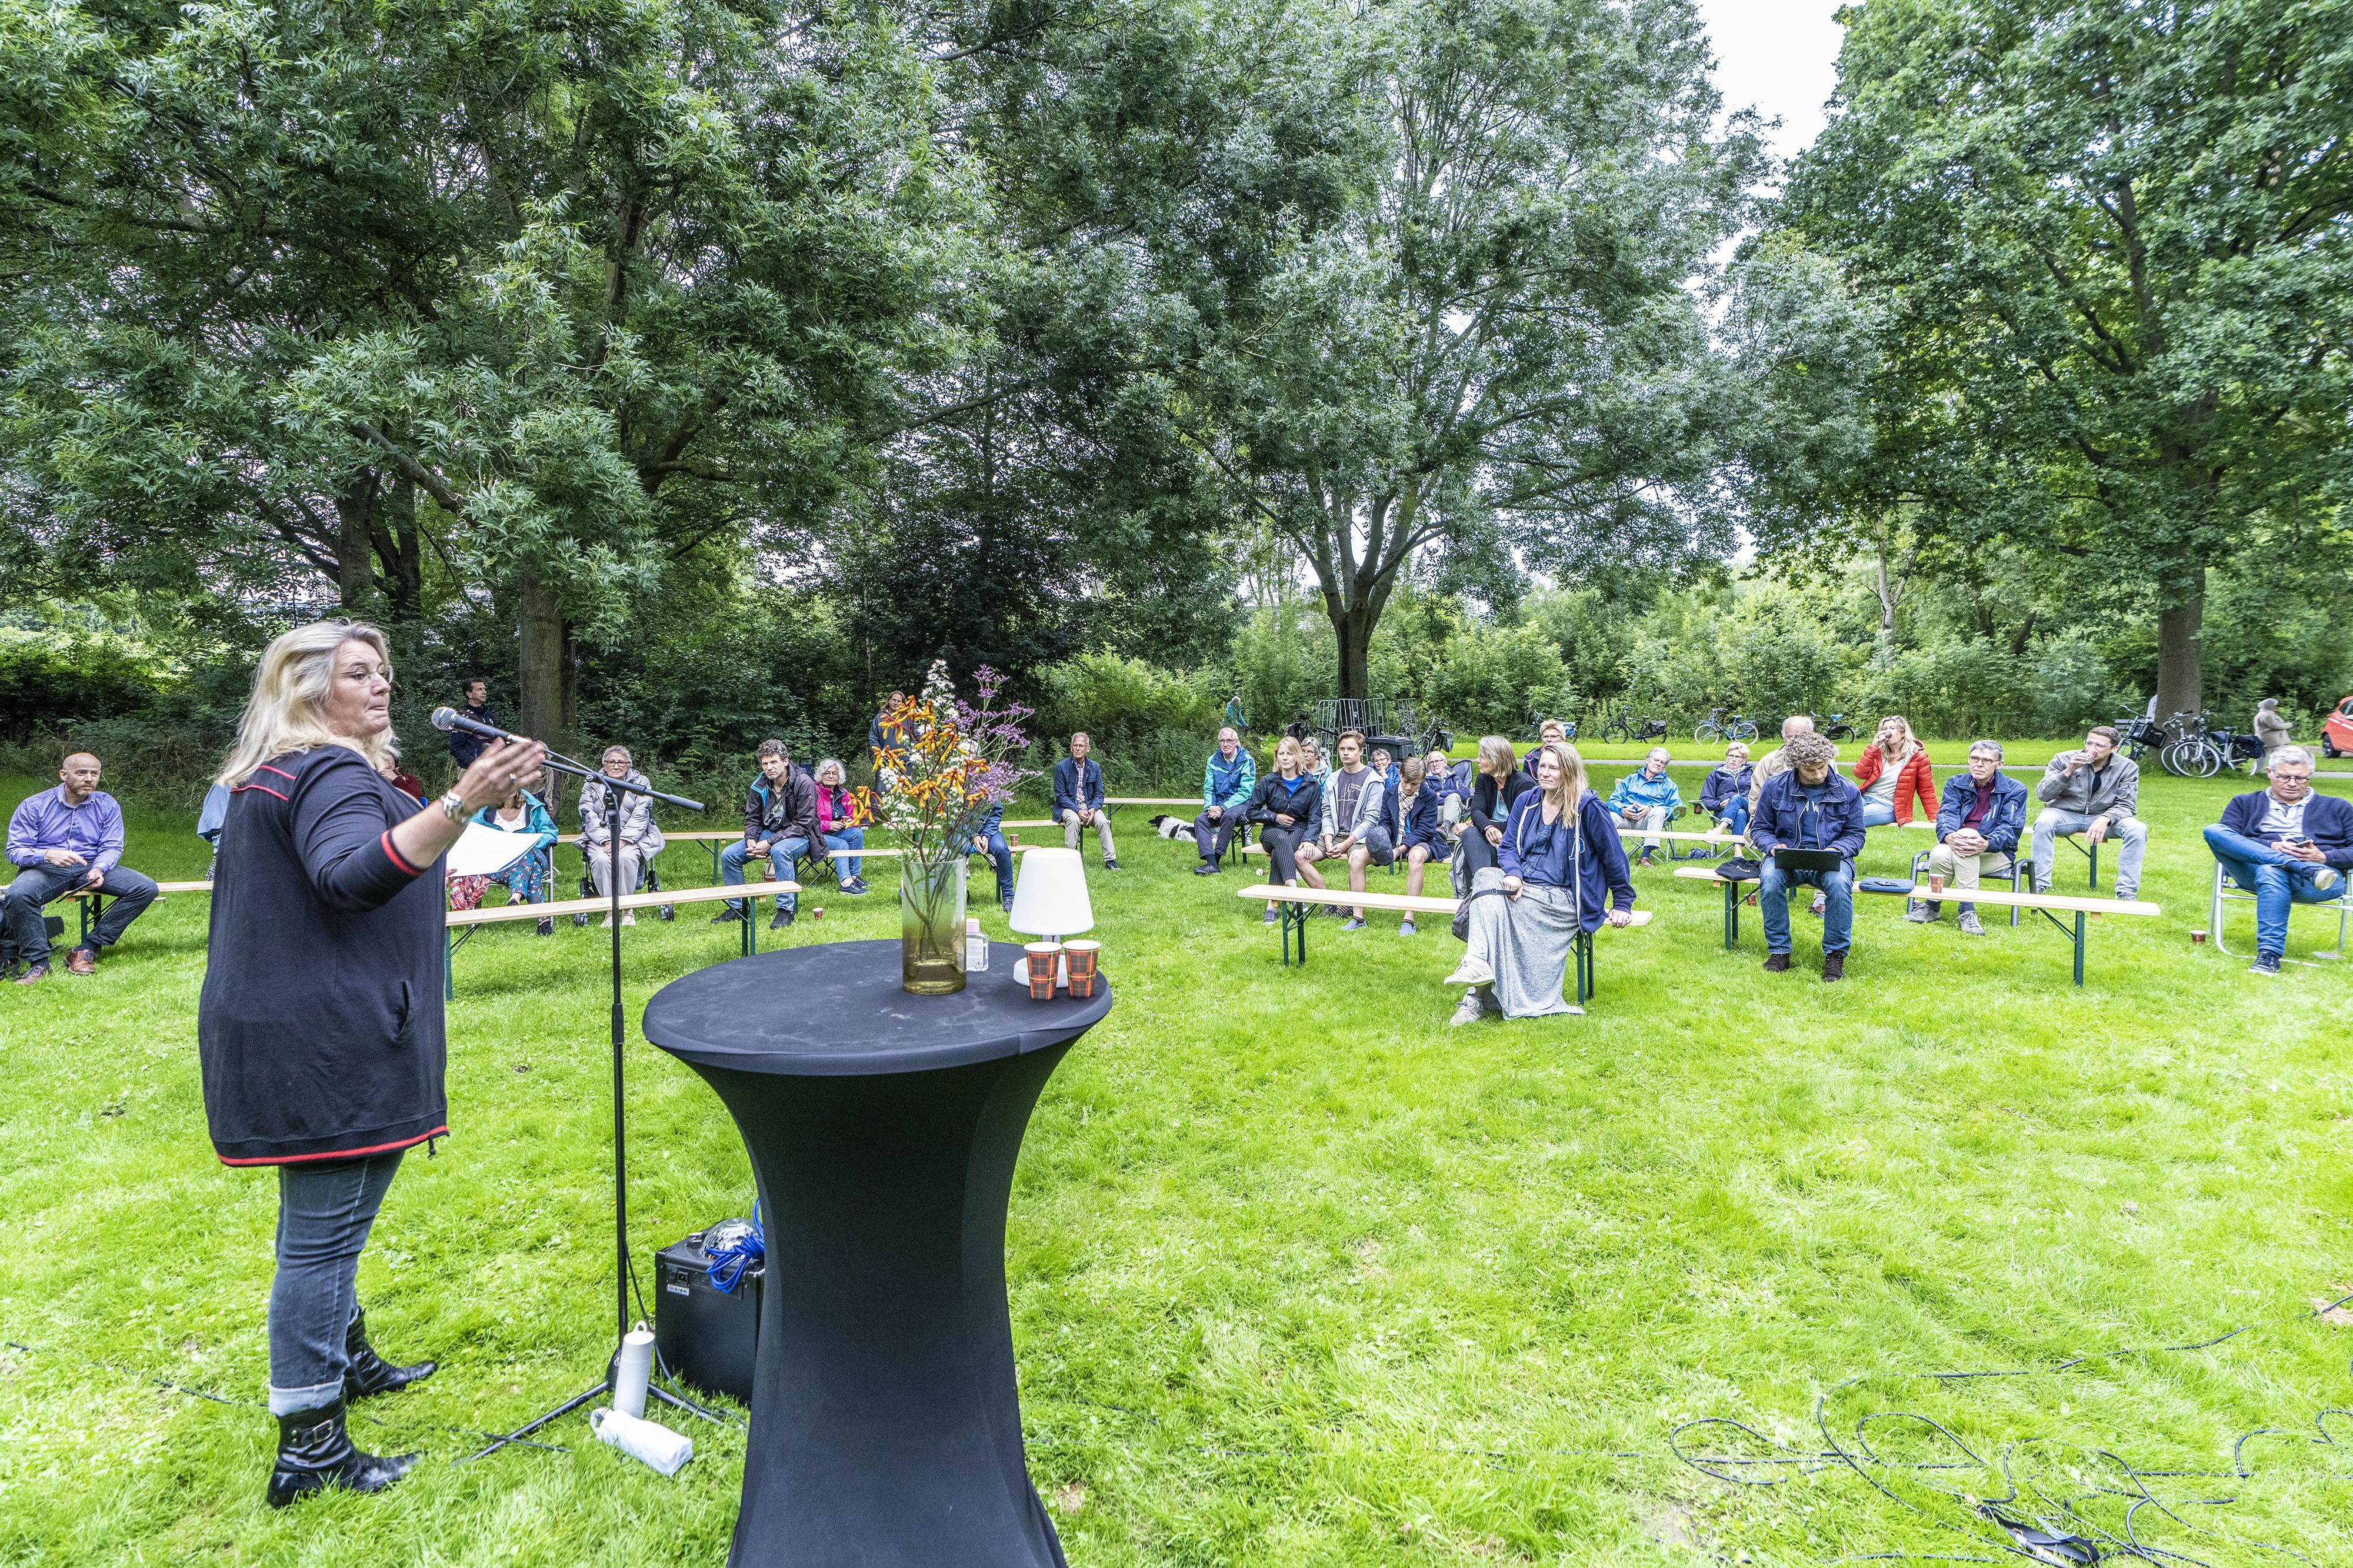 Debatteren op anderhalve meter afstand in Leiderdorps park De Houtkamp: 'Maakte corona het leven eenvoudig, of juist ingewikkeld?'